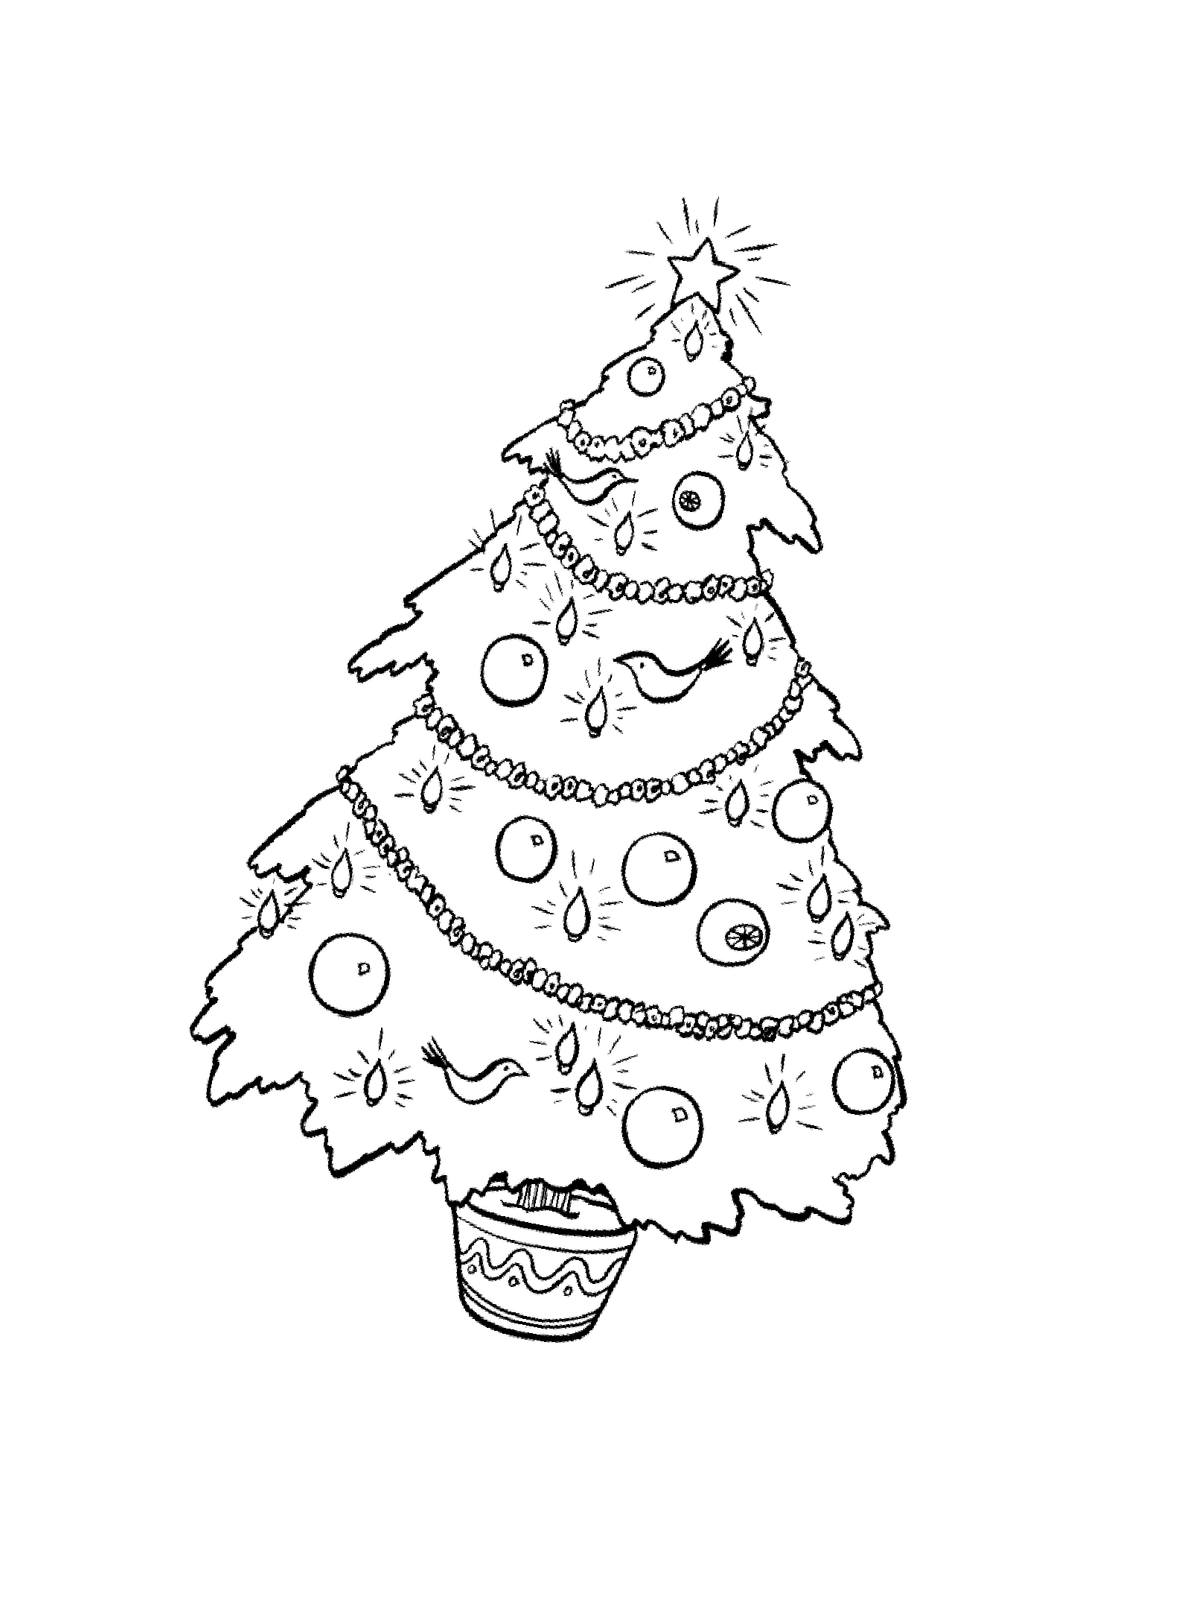 ausmalbilder, malvorlagen von weihnachten kostenlos zum